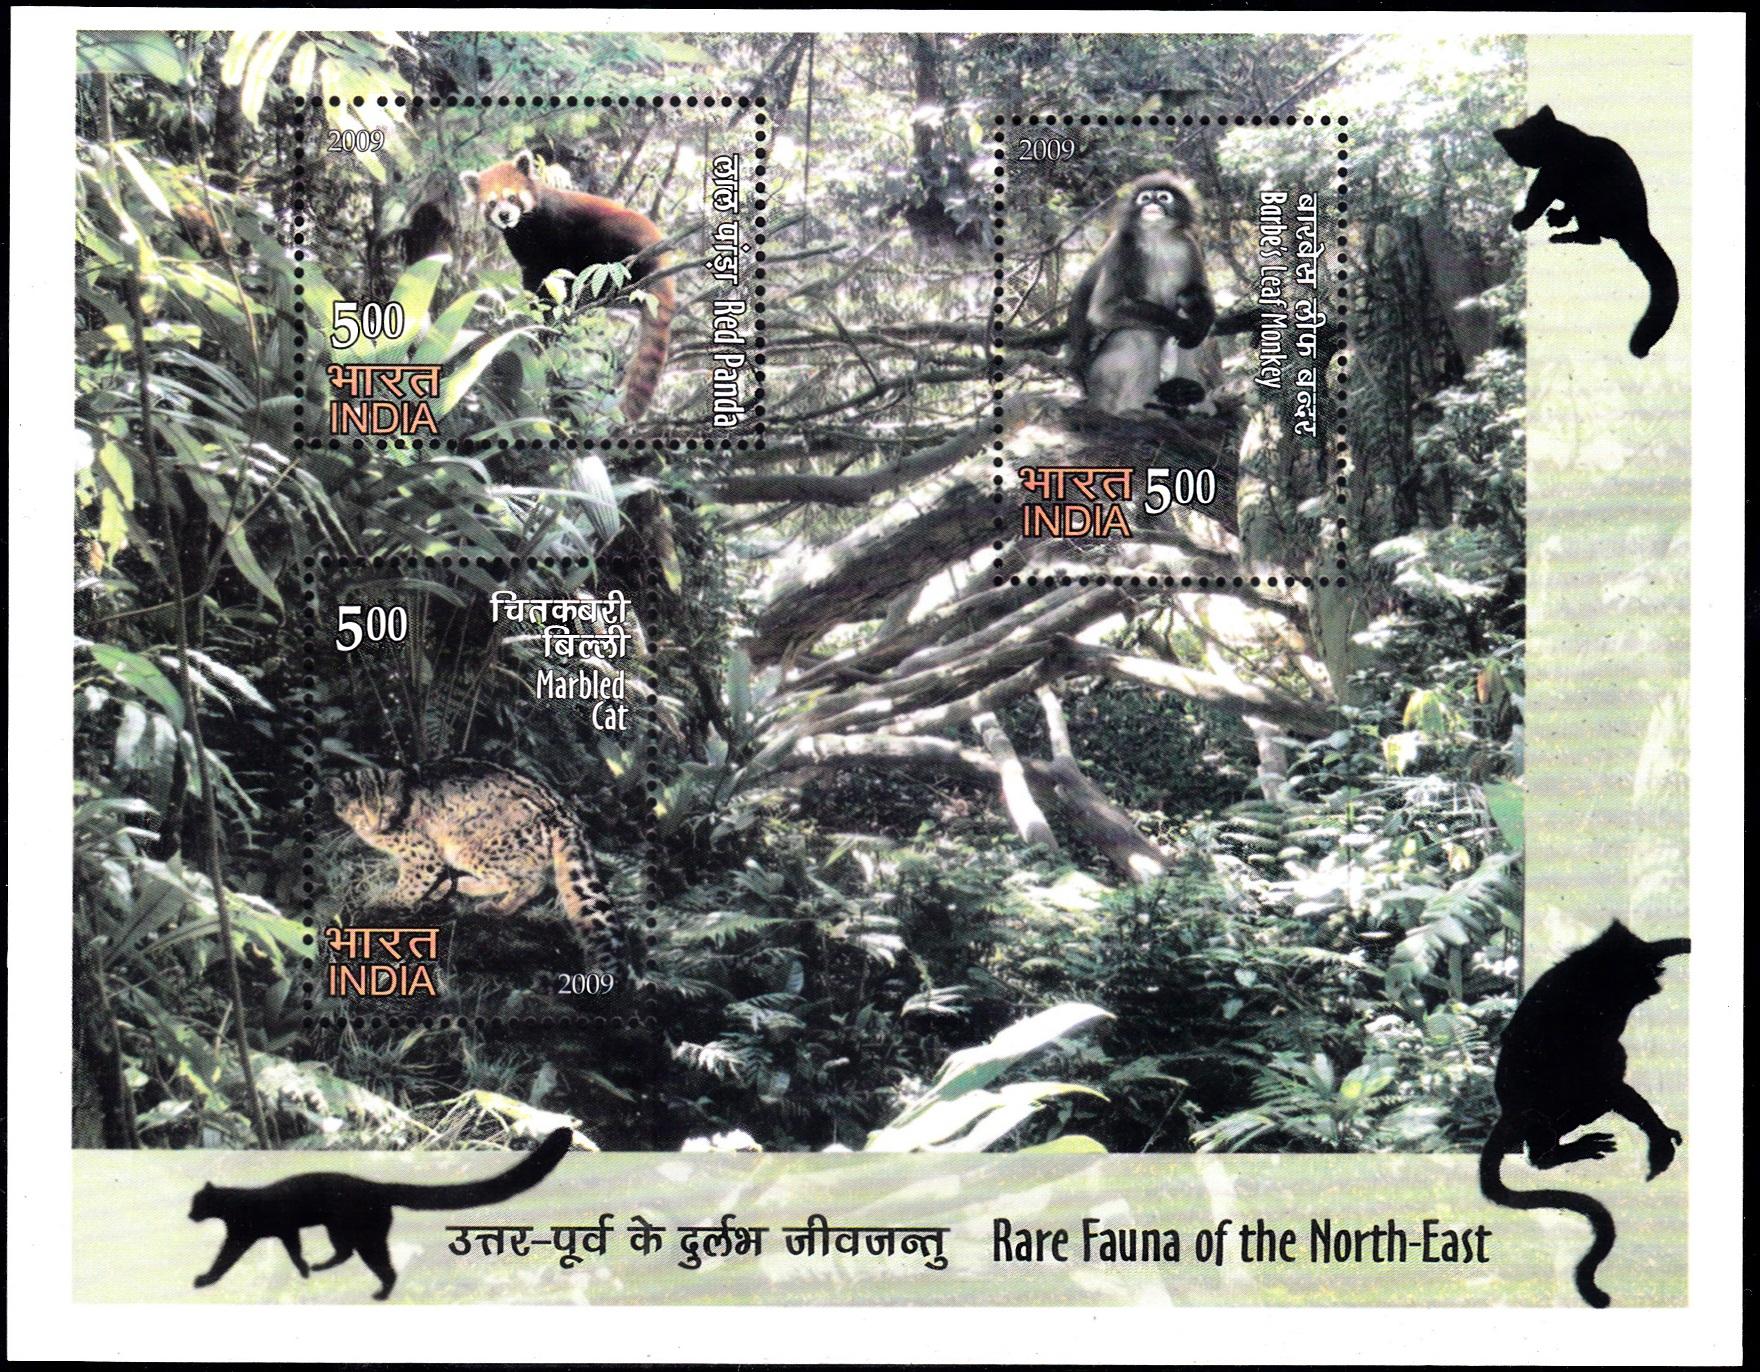 Red panda,Phayre's leaf monkey andMarbled cat